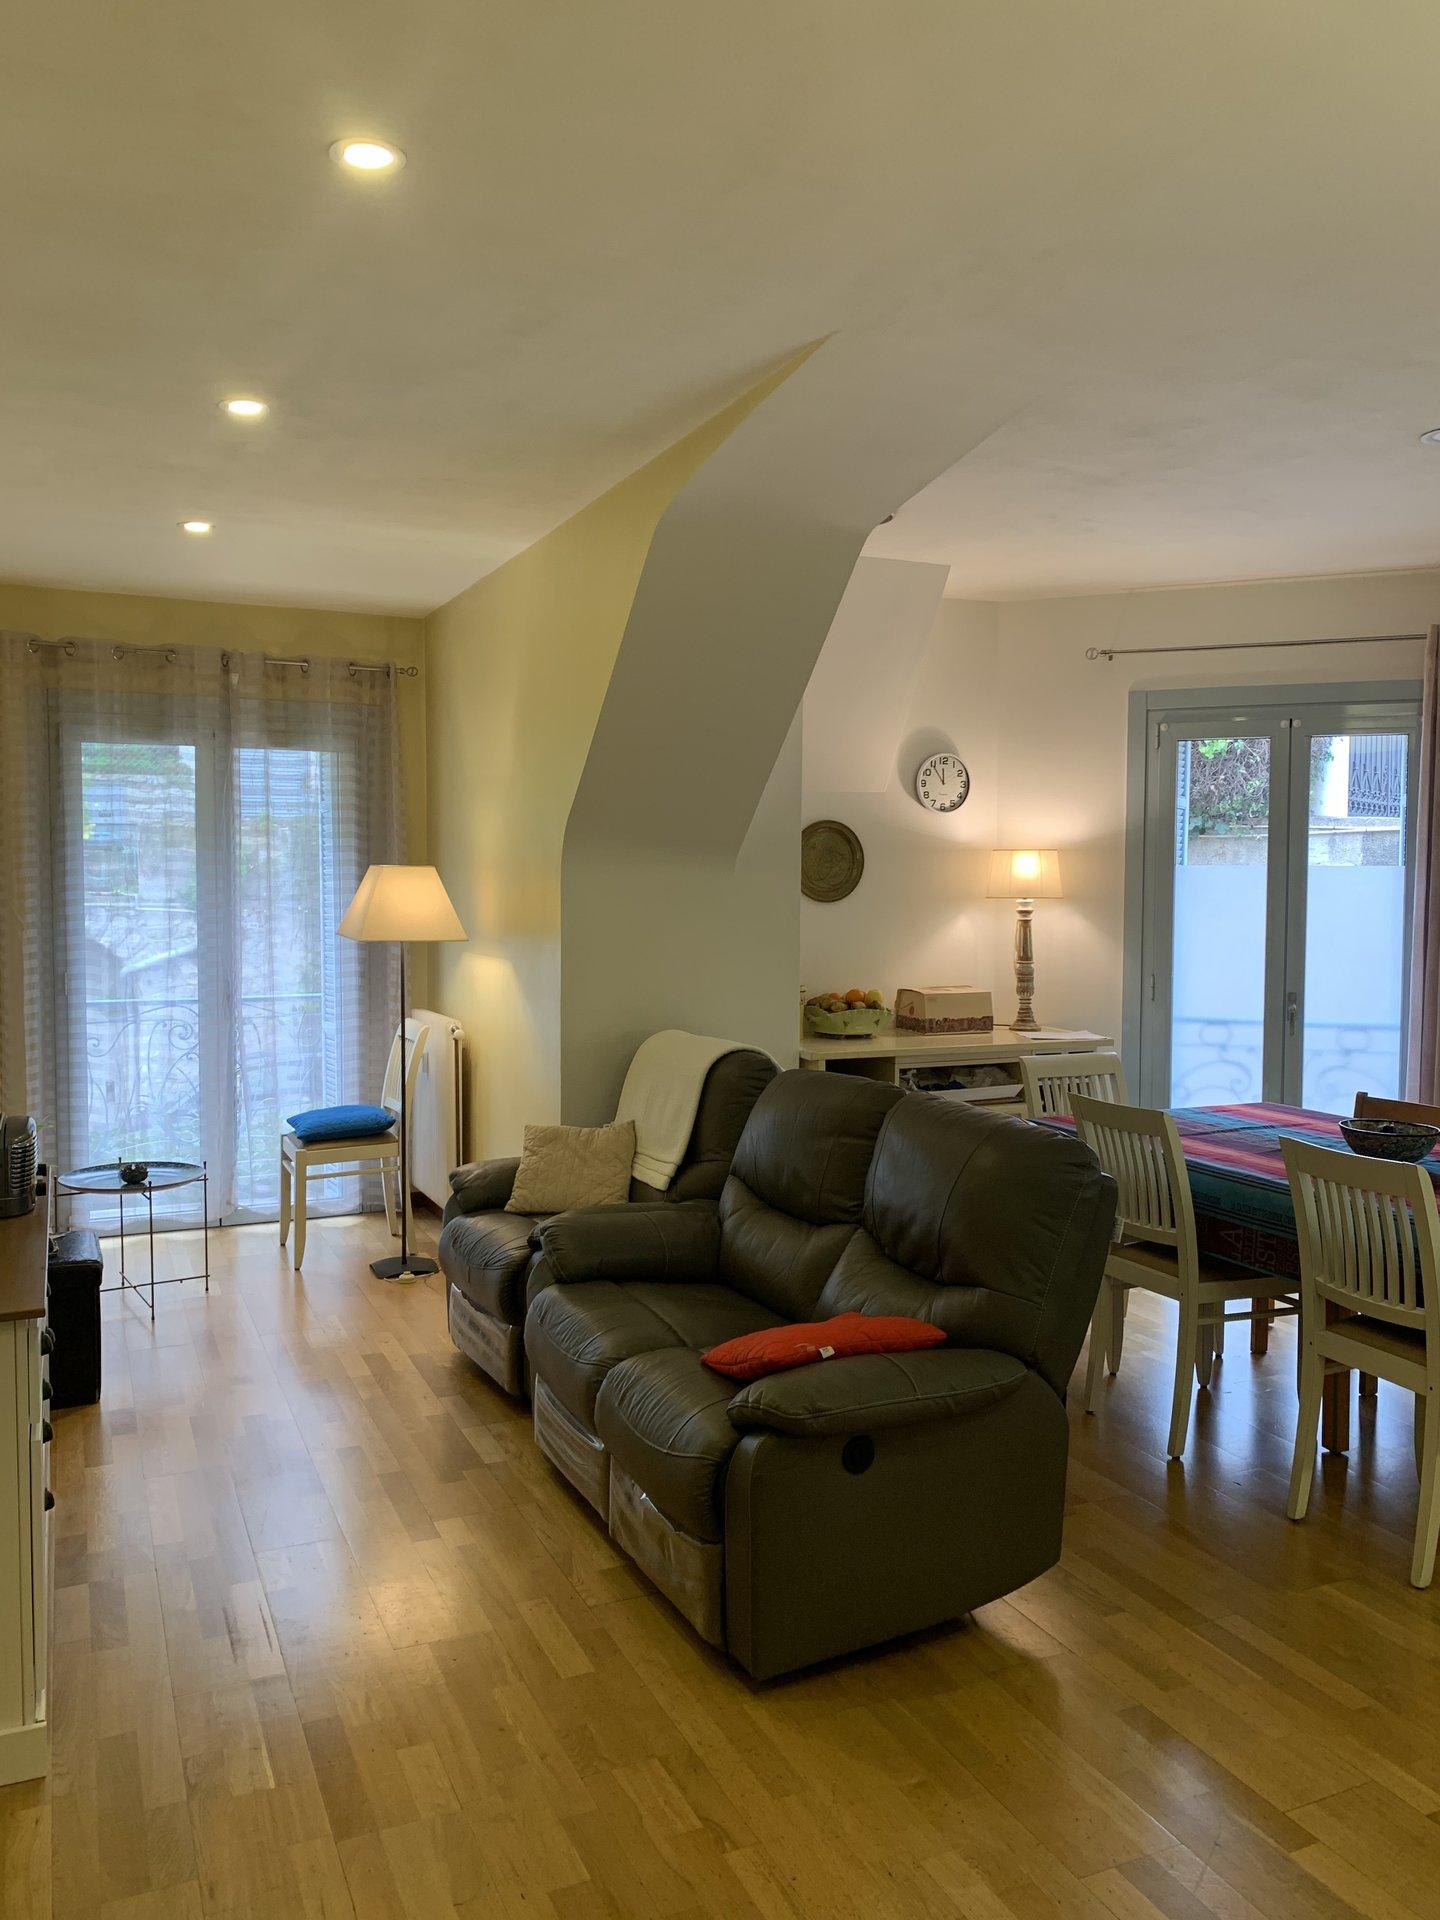 EXCLUSIVITE- Bourgeois- T3 spacieux de 87m² - Terrasse 30m²- Parking- Cave- Idéal Famille proche écoles.